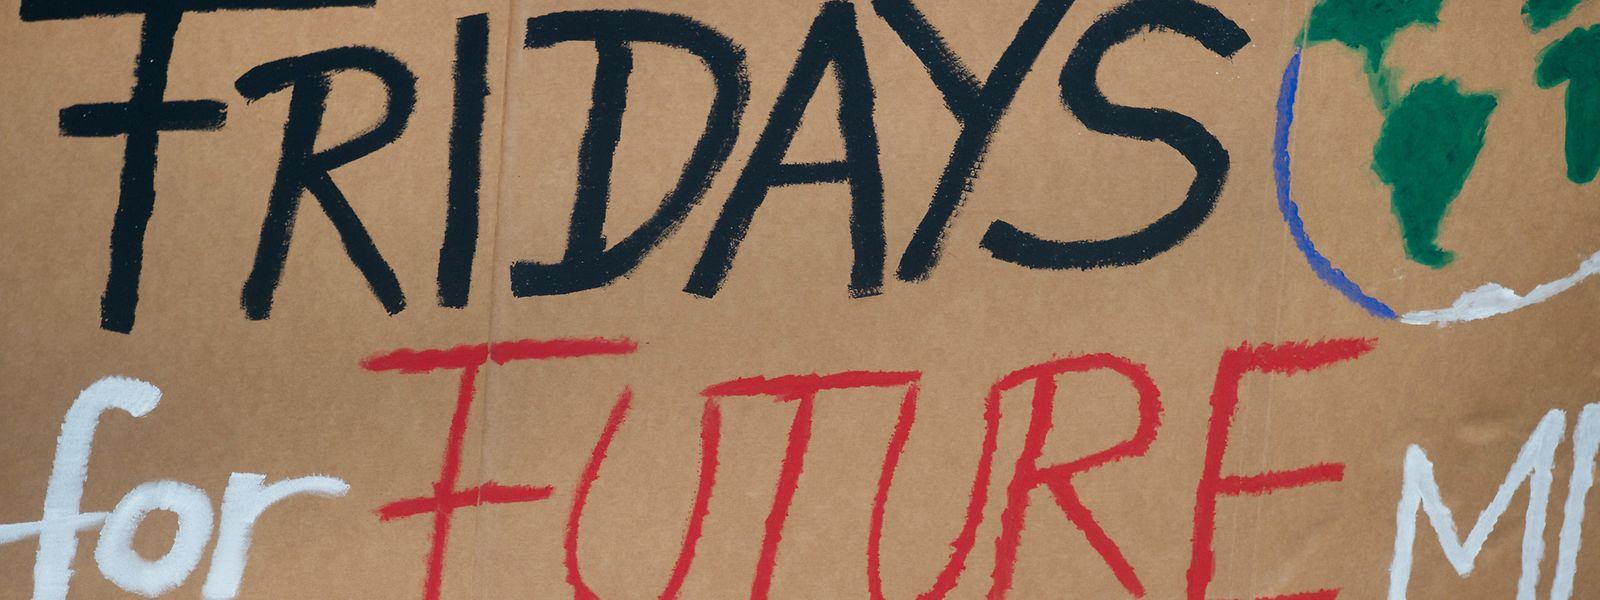 """Die 16-jährige Aktivistin Greta Thunberg ist für vielerlei Jugendliche eine Inspiration. Sie hat unter anderem den Spruch """"Fridays for Future"""" ins Leben gerufen. Weltweit ziehen nun junge Menschen für den Klimaschutz mit Plakaten durch die Städte."""